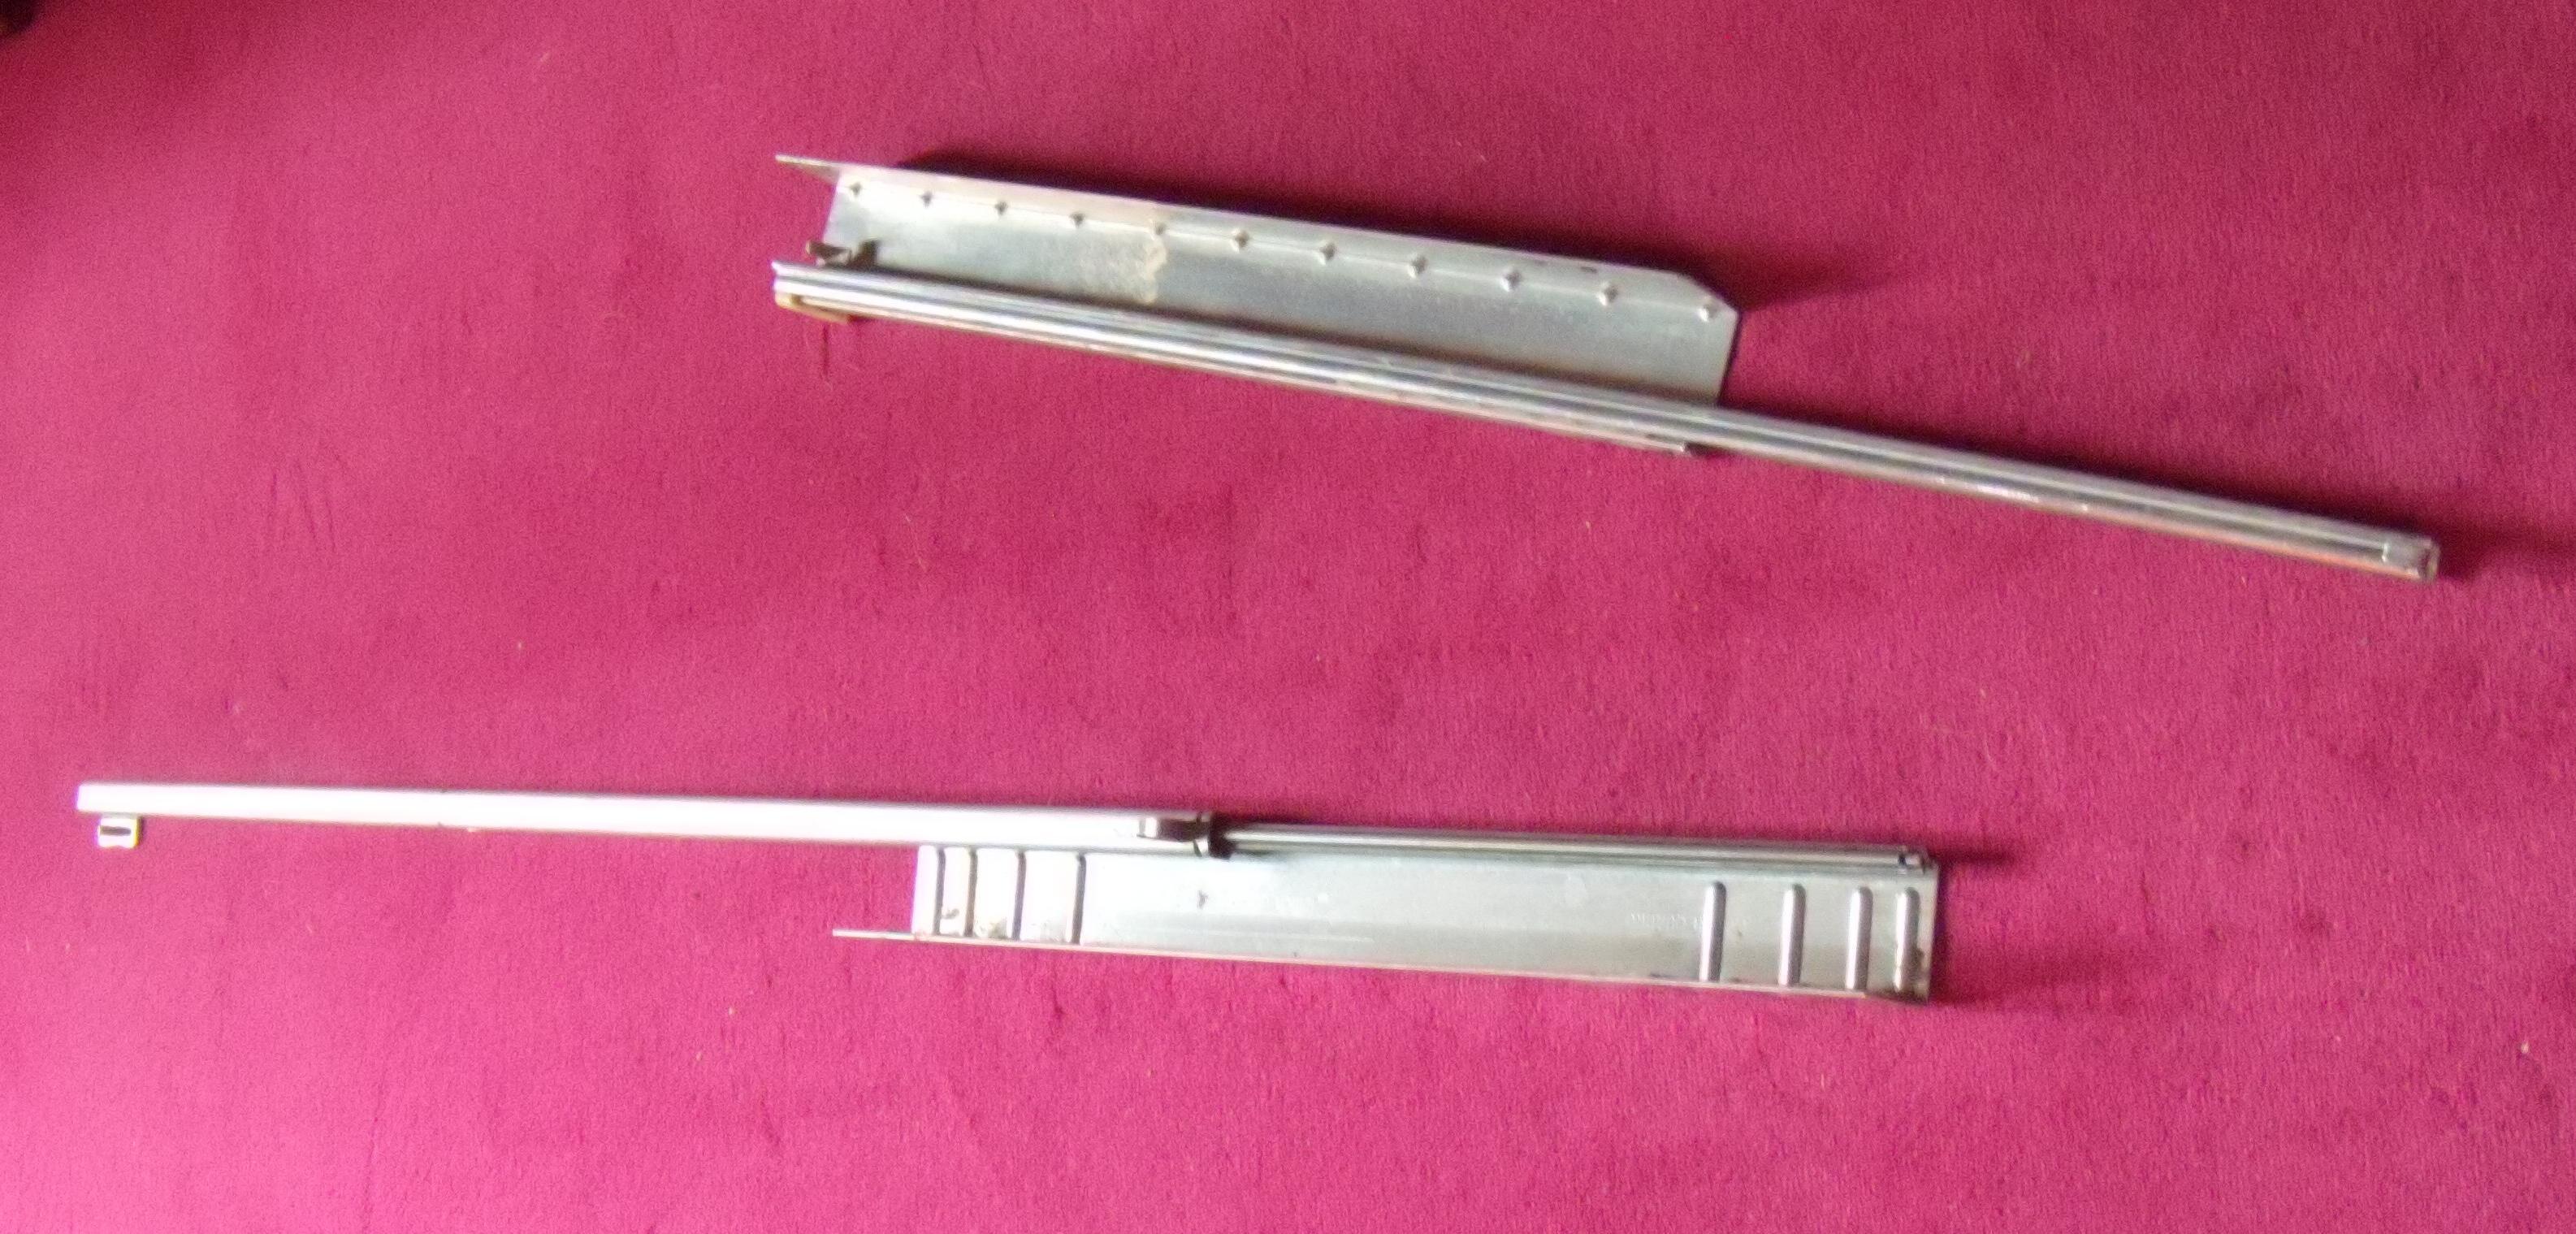 troc de troc paire de coulisses pour tiroir - très bon état - 2/2 image 2